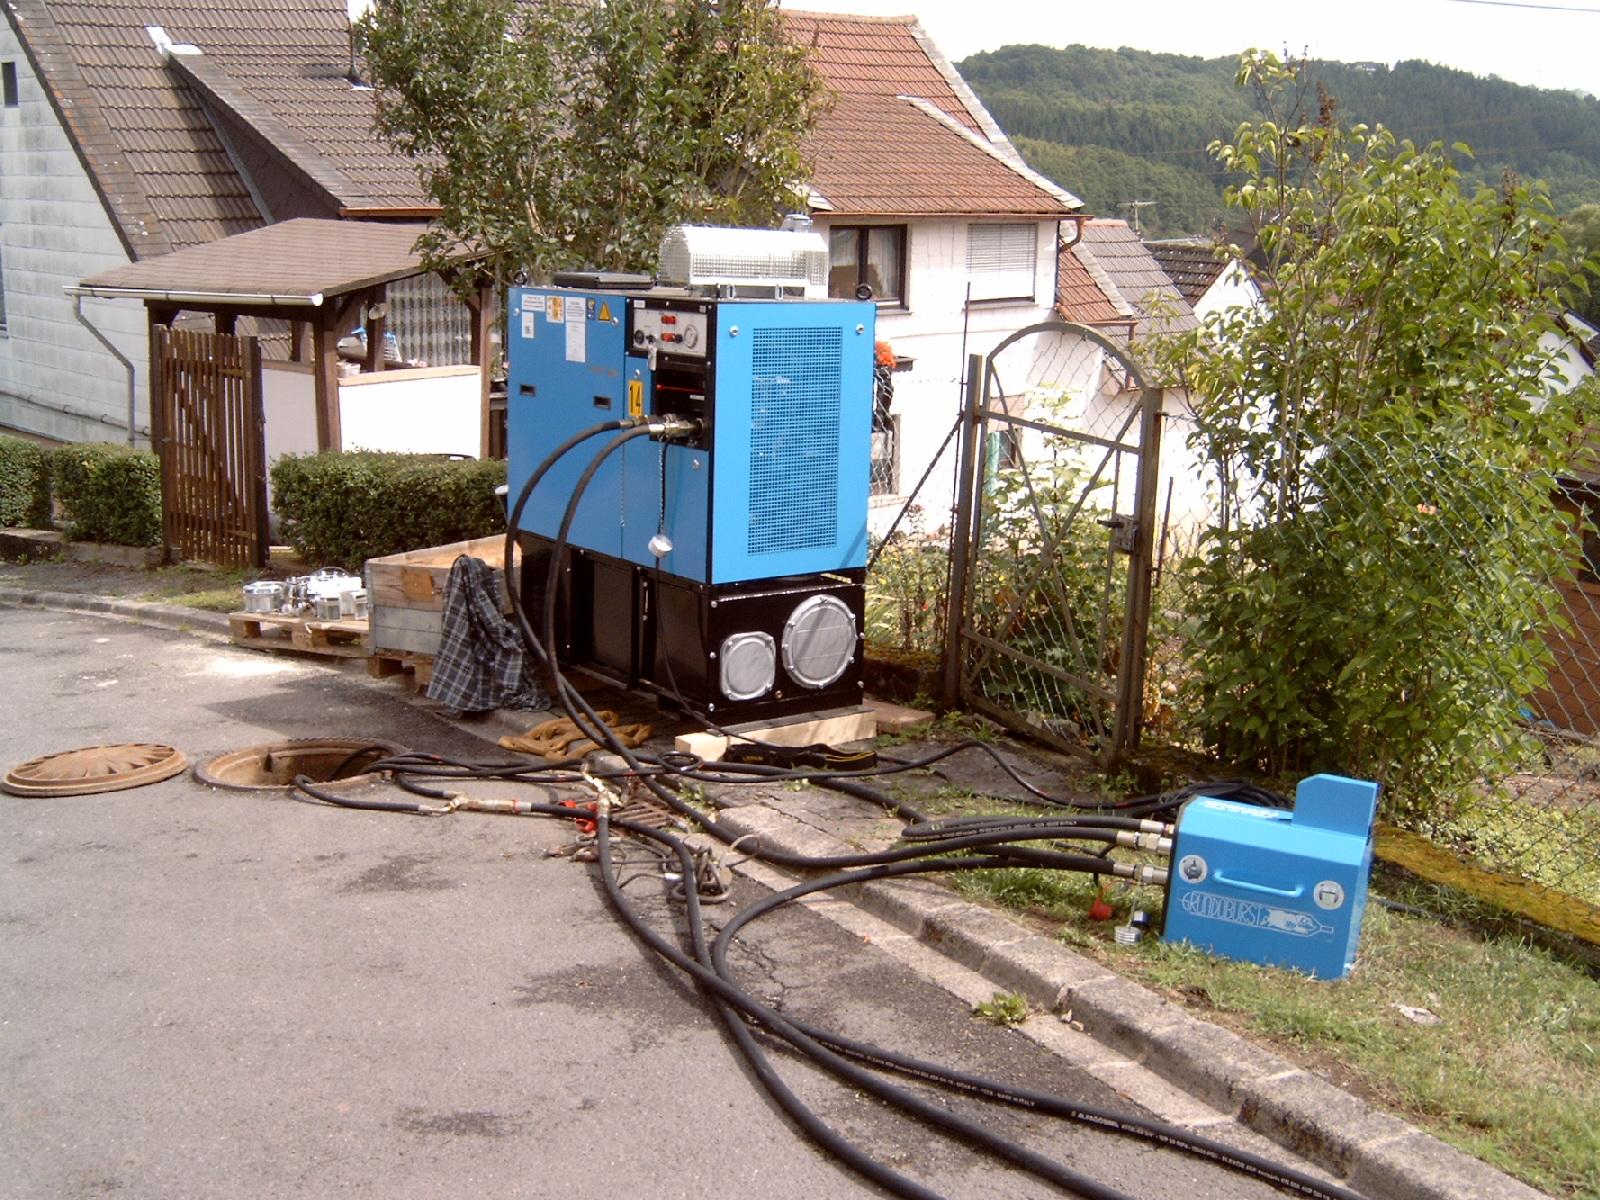 Kanalsanierung-Rtsweiler-1.jpg